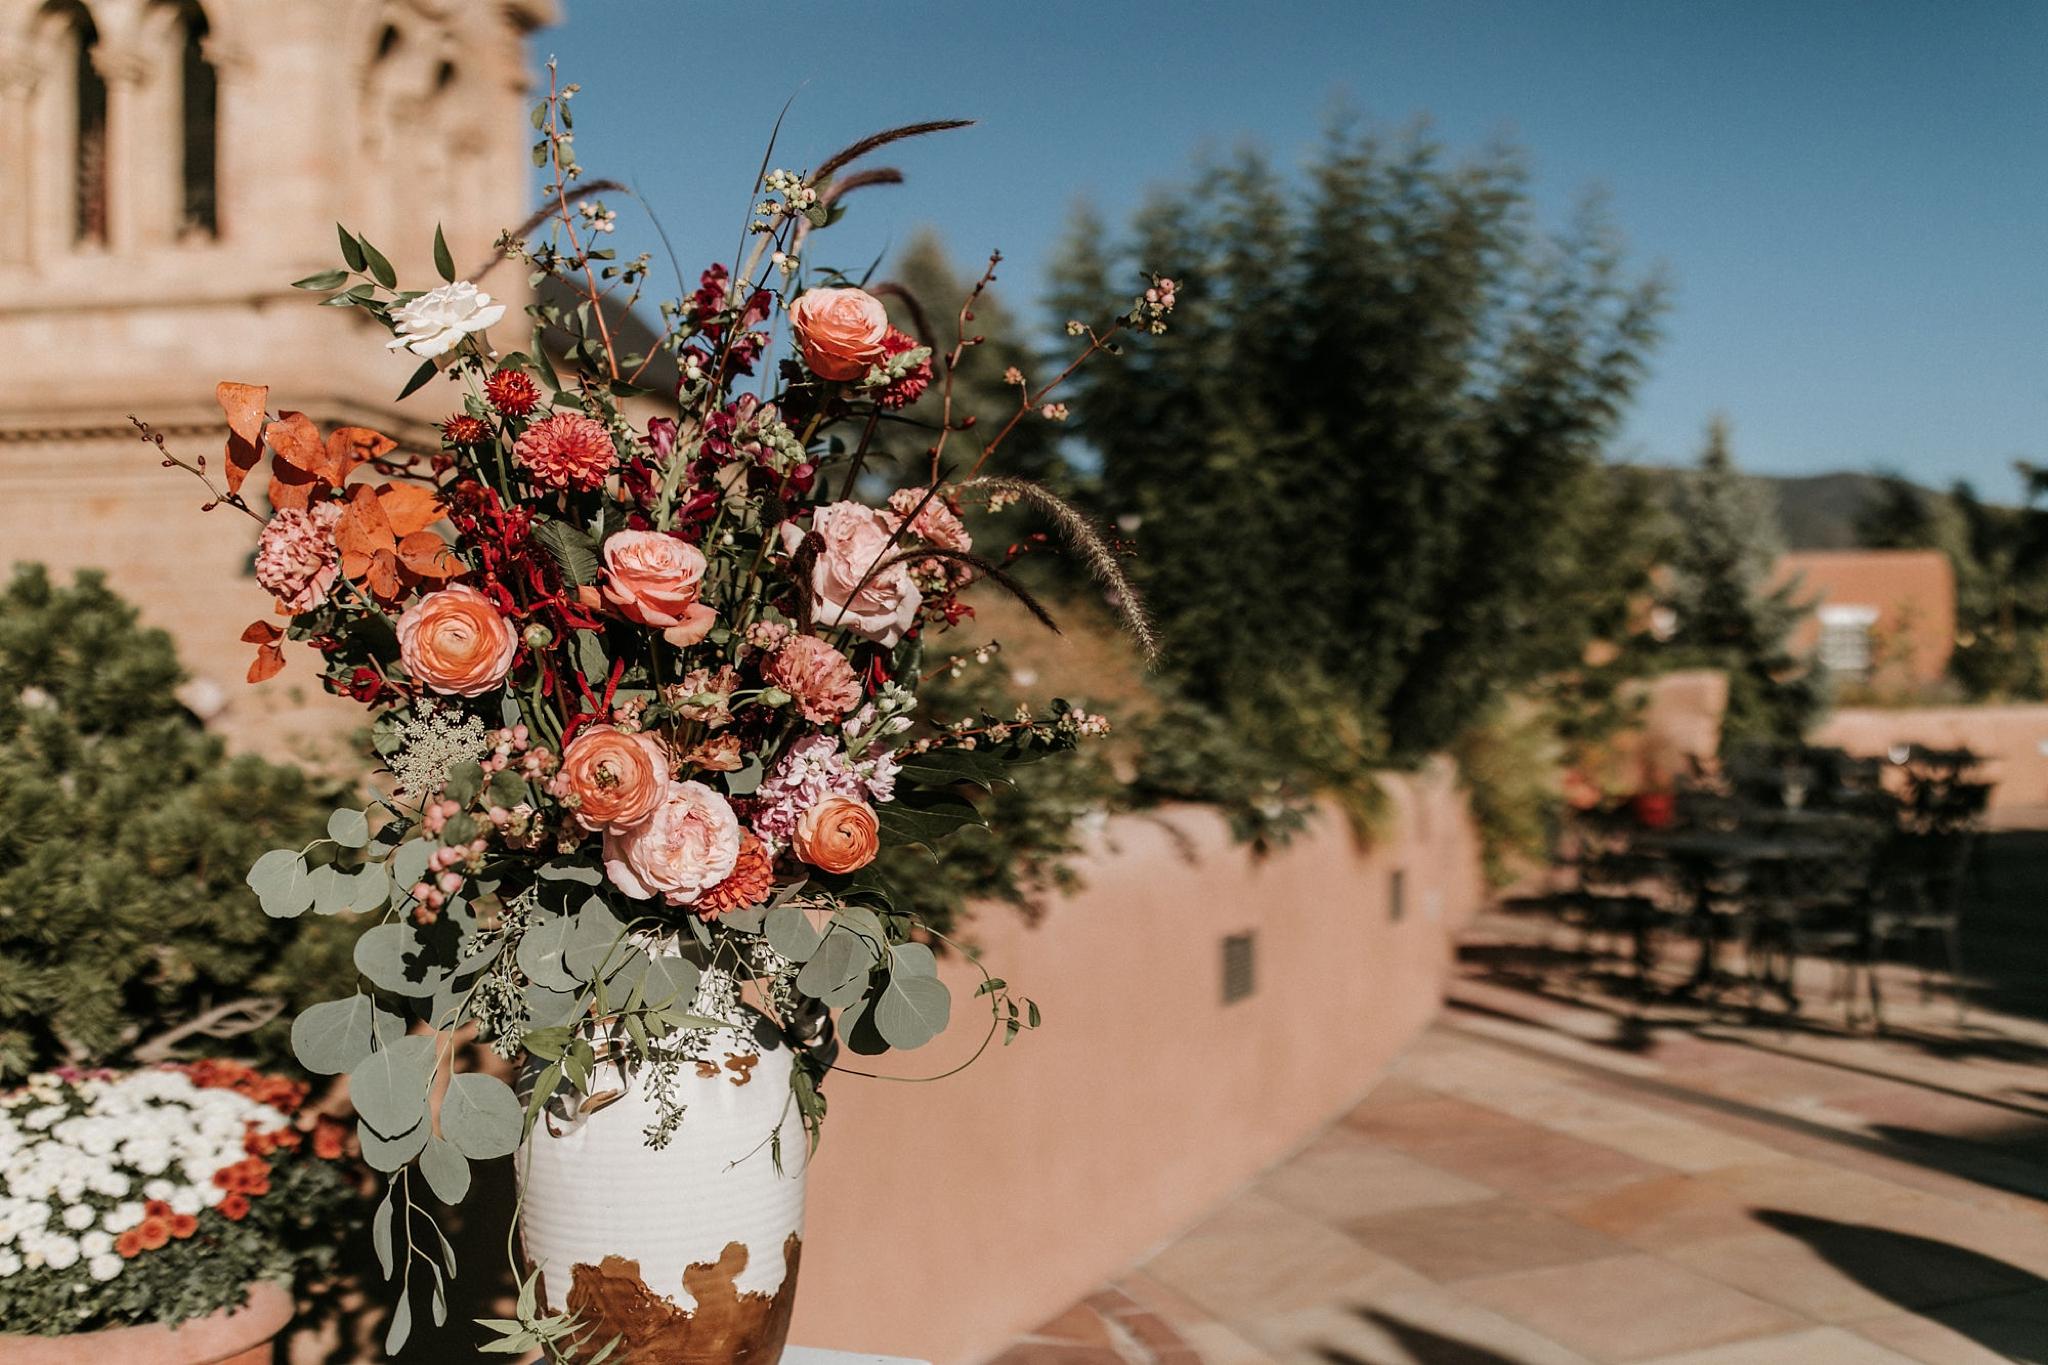 Alicia+lucia+photography+-+albuquerque+wedding+photographer+-+santa+fe+wedding+photography+-+new+mexico+wedding+photographer+-+new+mexico+florist+-+wedding+florist+-+renegade+floral_0104.jpg